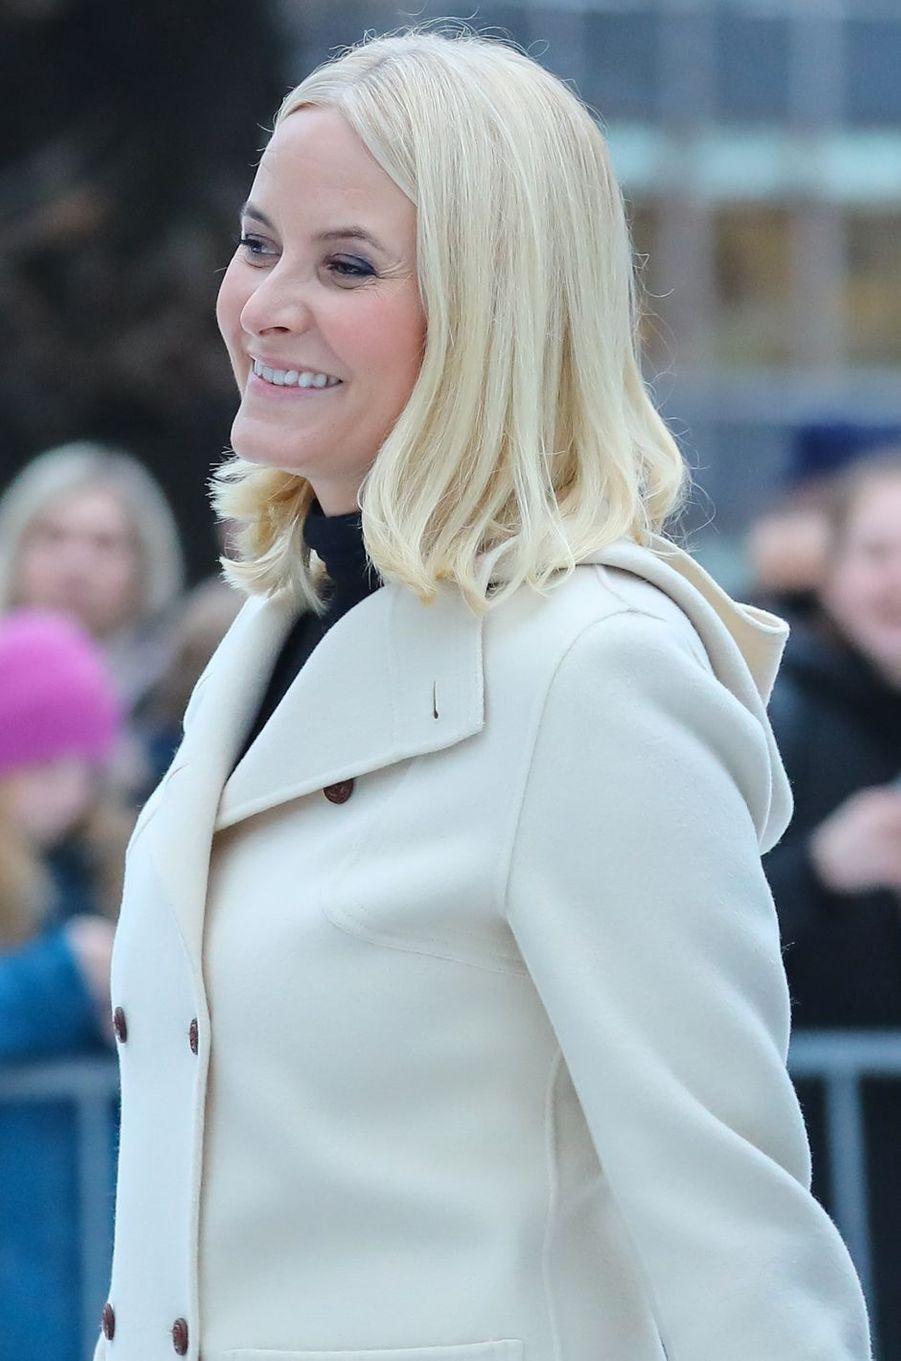 La princesse Mette-Marit de Norvège à Oslo, le 1er février 2018